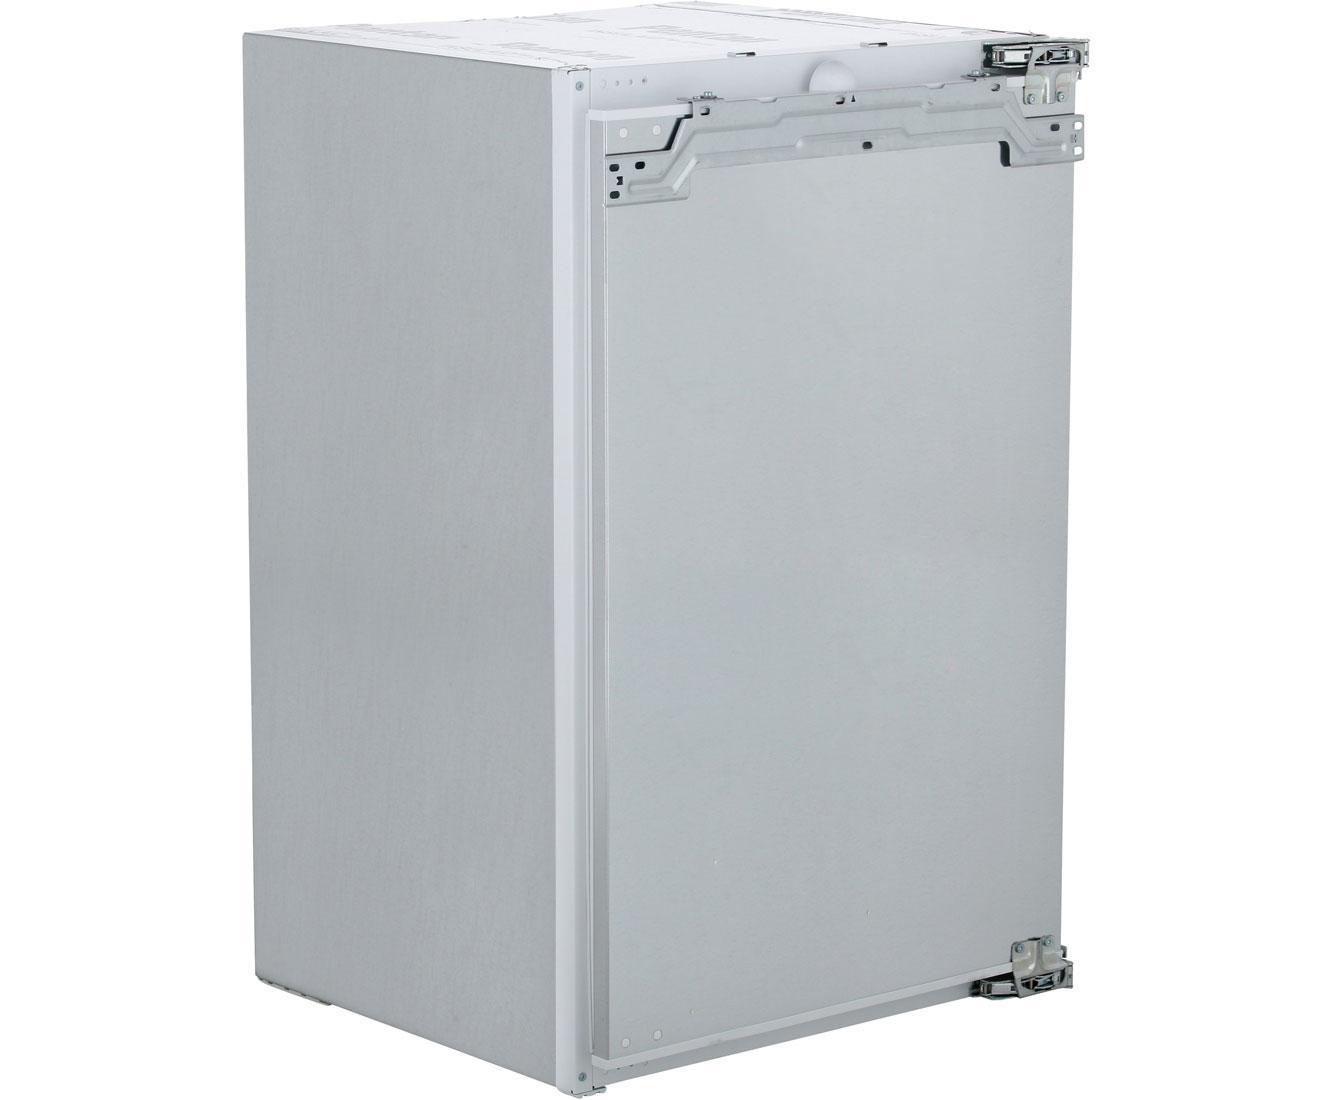 Retro Kühlschrank Siemens : Siemens ki18lv62 einbau kühlschrank mit gefrierfach 88er nische